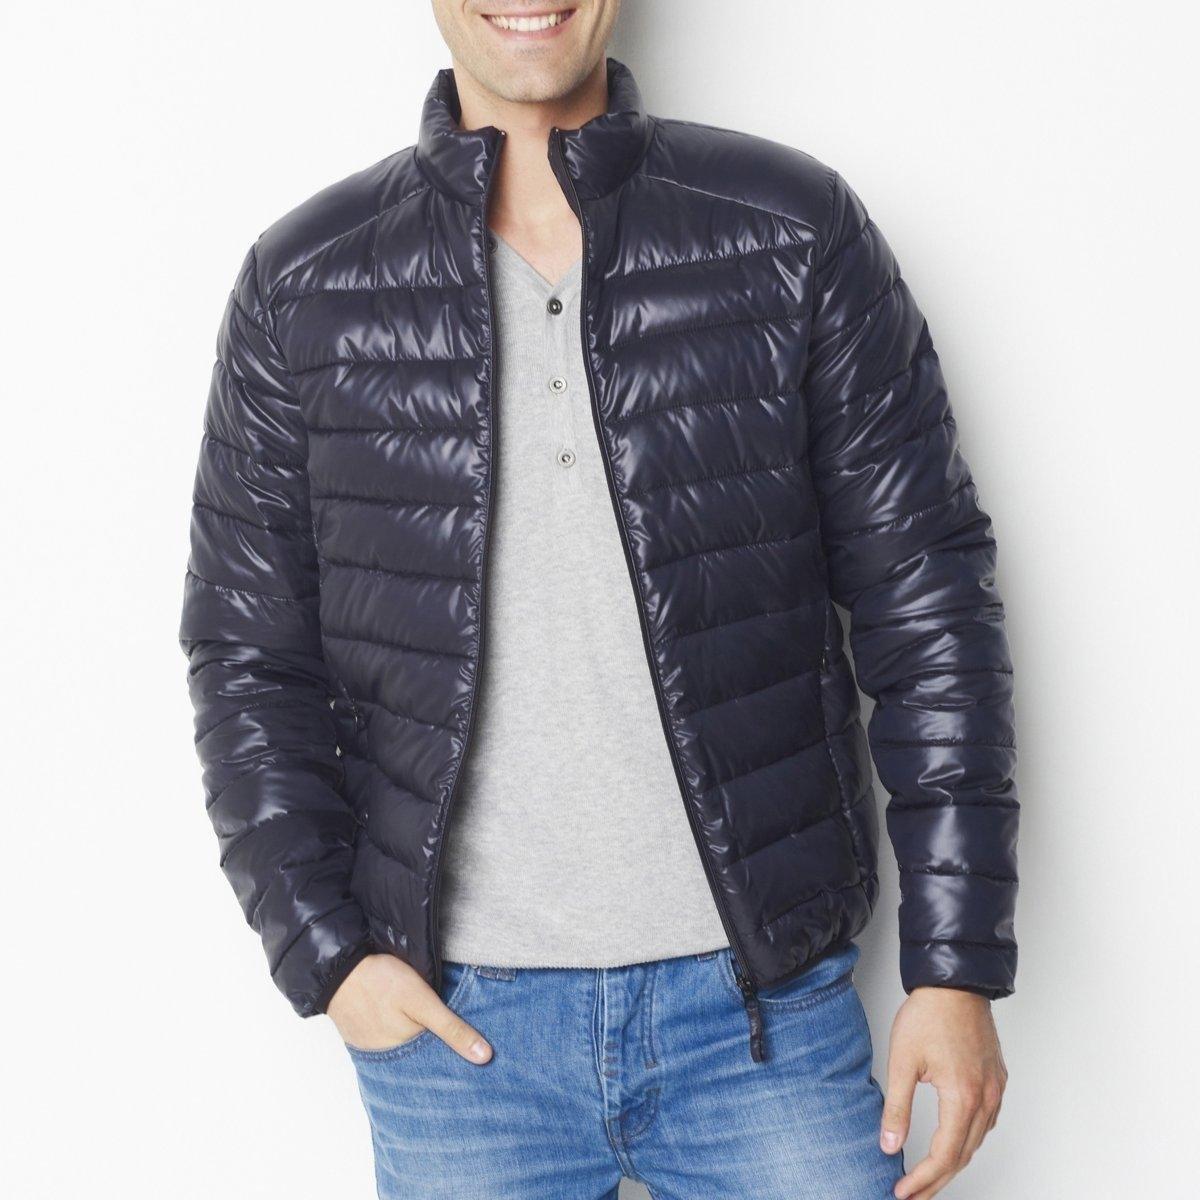 Куртка легкаяЛегкая куртка с водоотталкивающим эффектом, 100% полиэстер. Стеганая ватиновая подкладка. Застежка на молнию. Потайные карманы на молнии. Отделка низа и манжет эластичным кантом. Длина ок.68 см. Уход : Машинная стирка при 30°C исключительно на деликатном режиме<br><br>Цвет: темно-синий,черный<br>Размер: S.M.L.XL.XXL.3XL.XS.M.L.XL.XXL